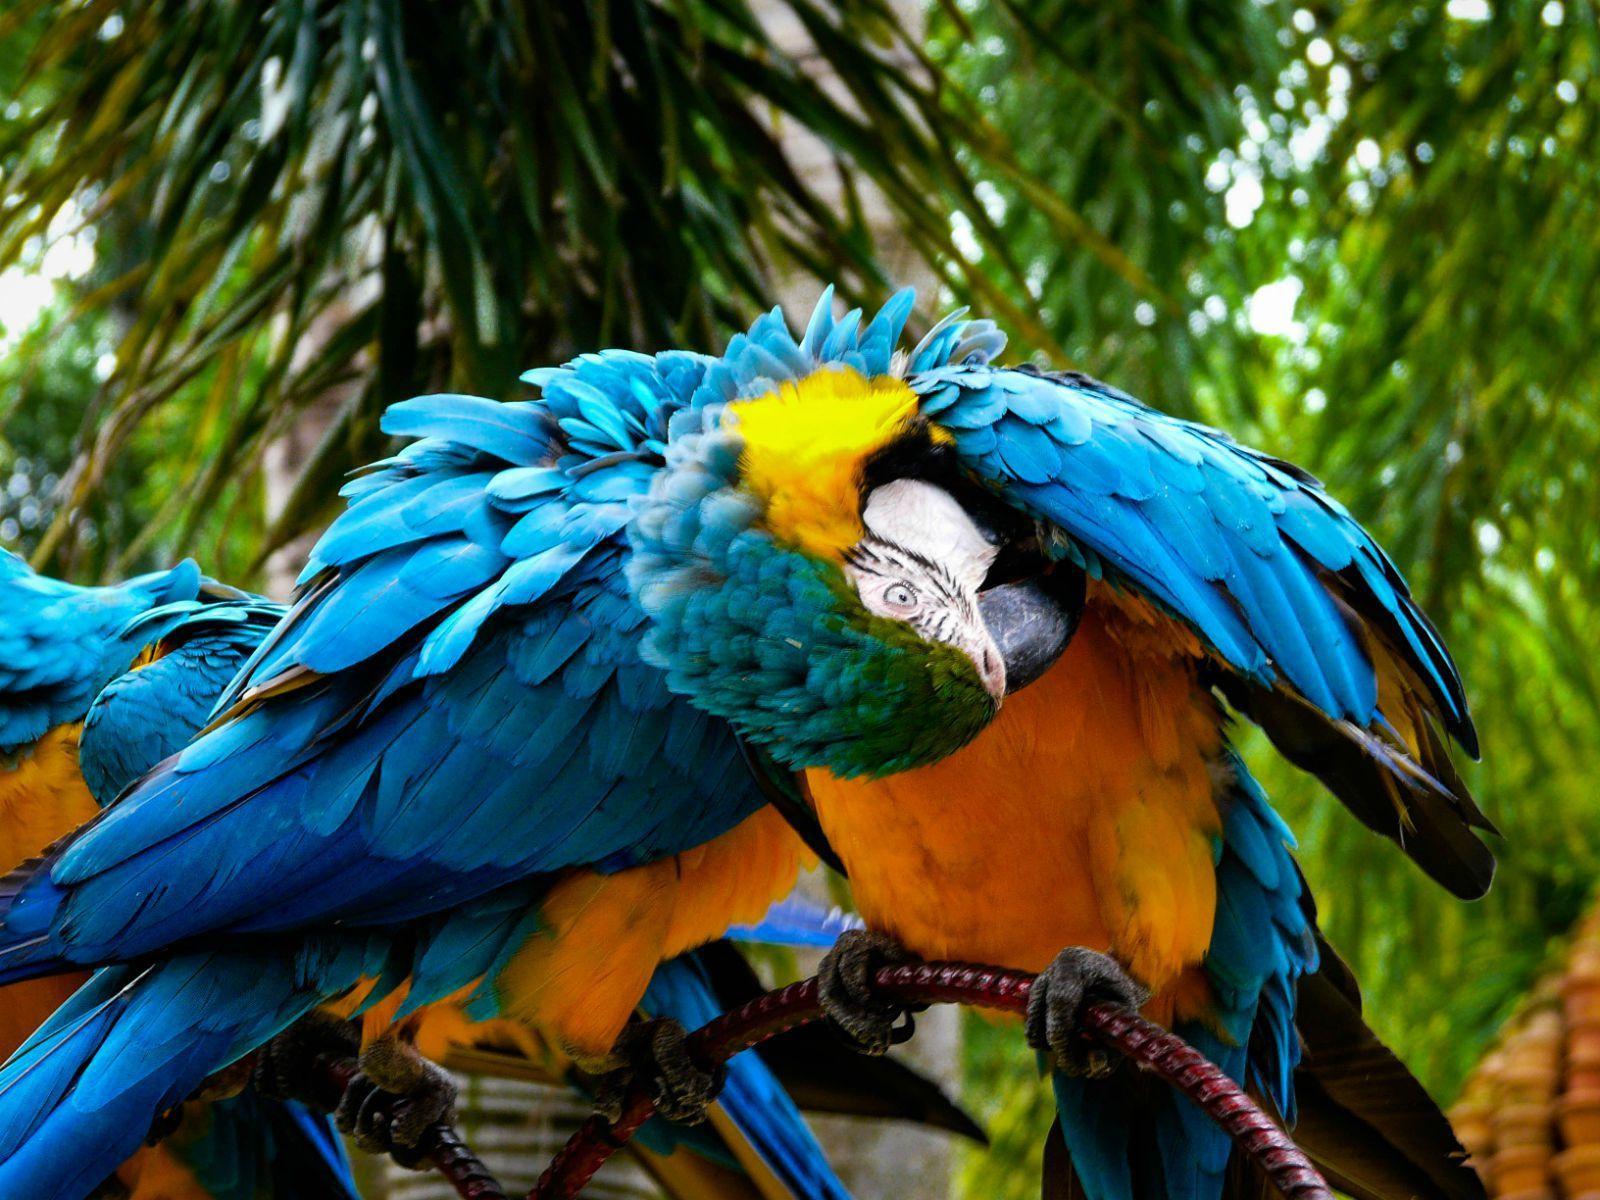 壁纸 动物 鸟 鹦鹉 1600_1200